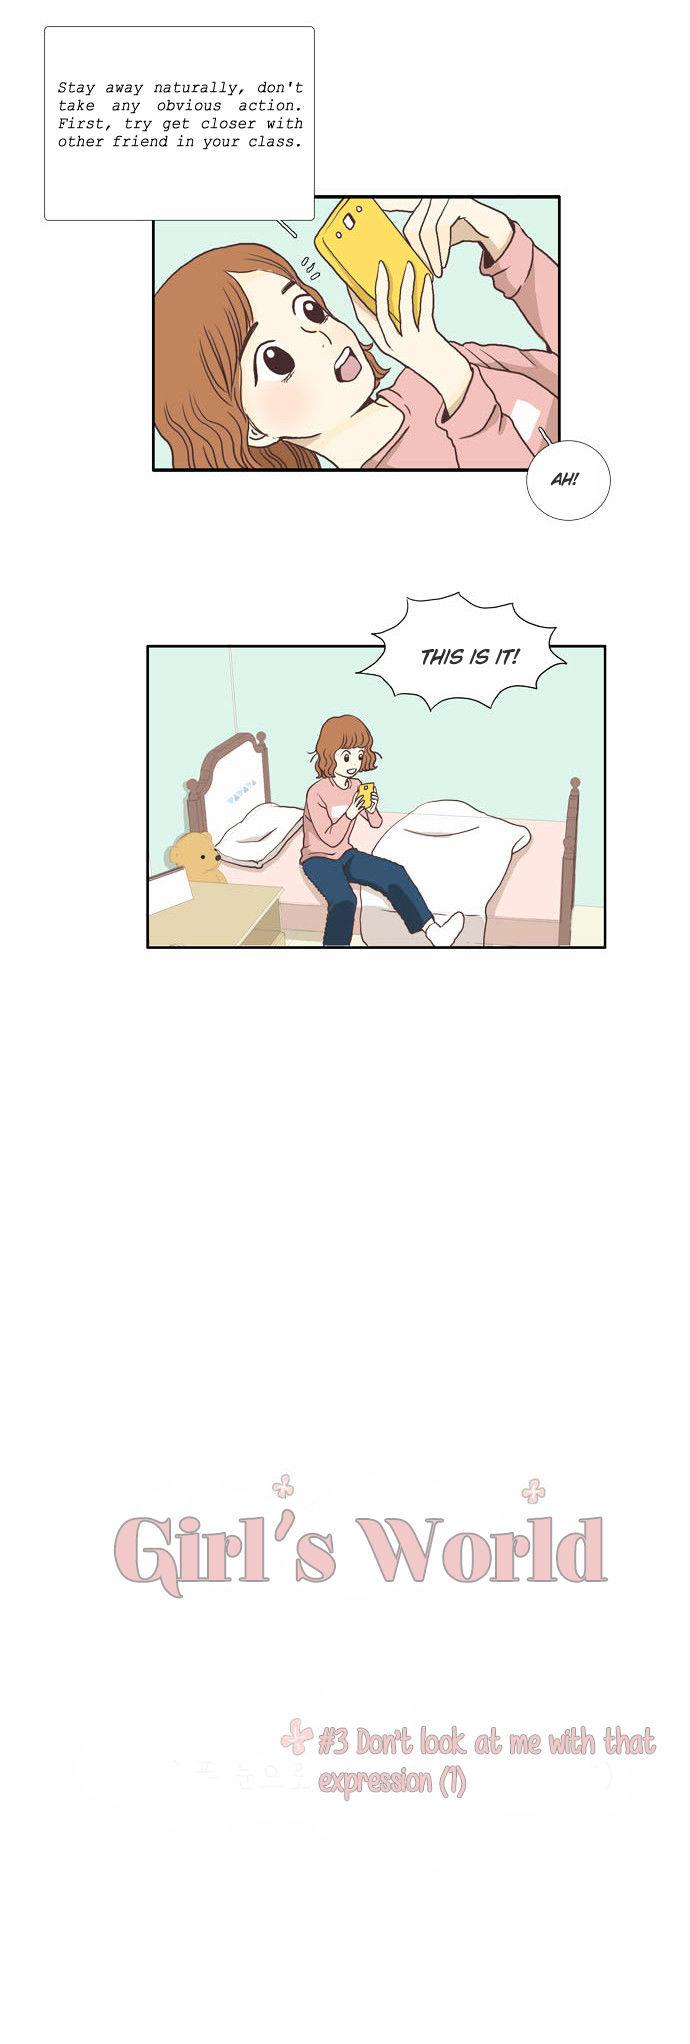 https://im.nineanime.com/comics/pic9/46/22446/476982/ebdbcb5360801434b7014fcb108f6998.jpg Page 2